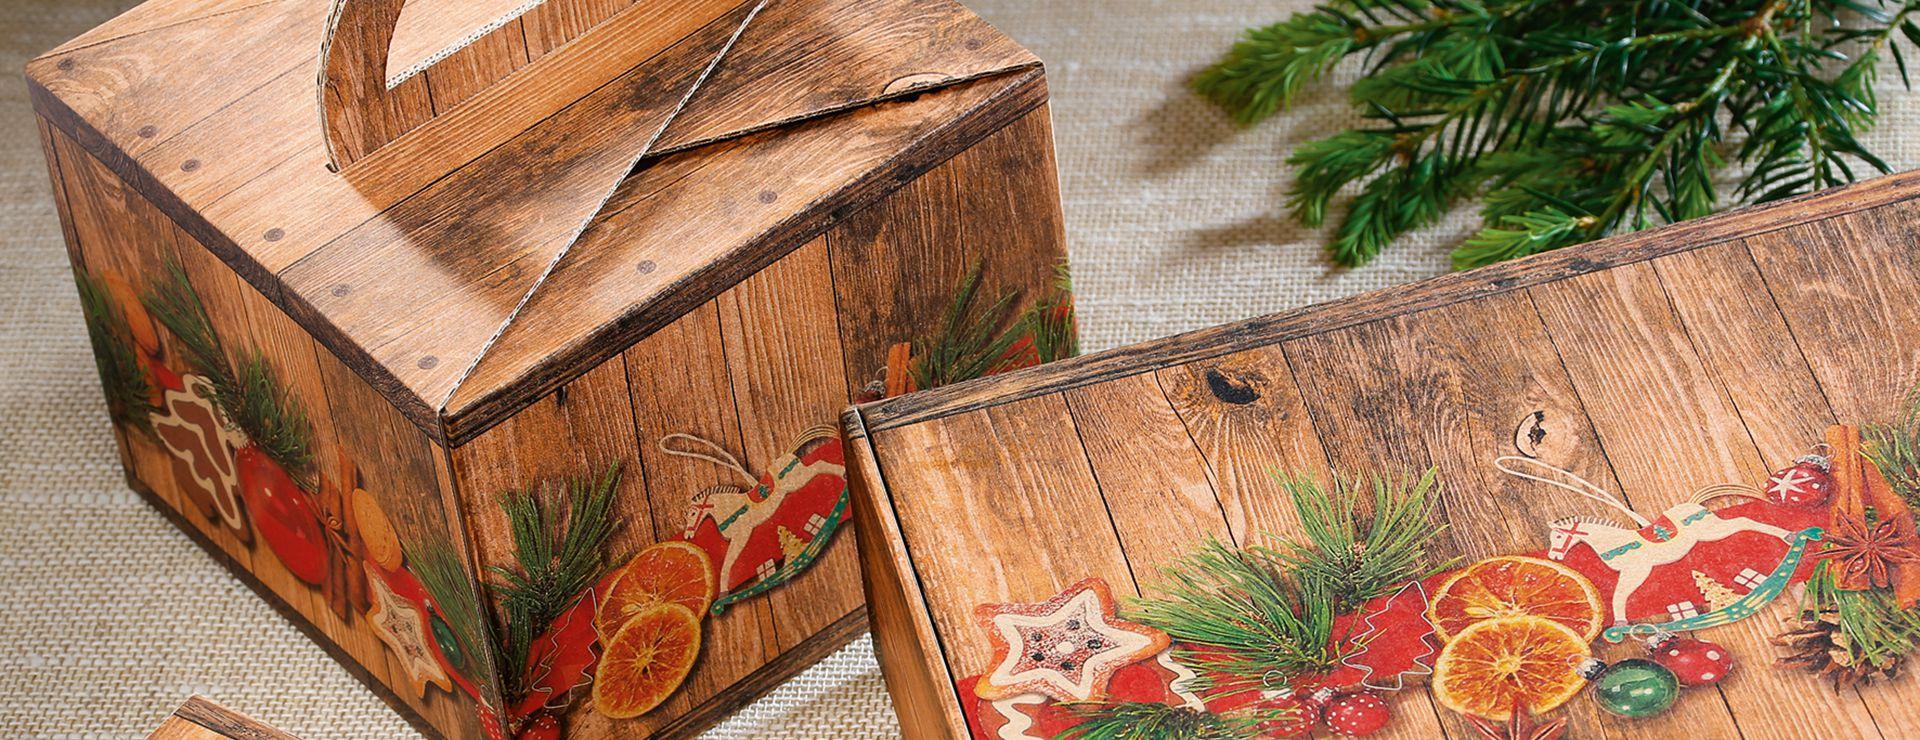 Emballage-cadeau imprimé marché de Noël Emotion